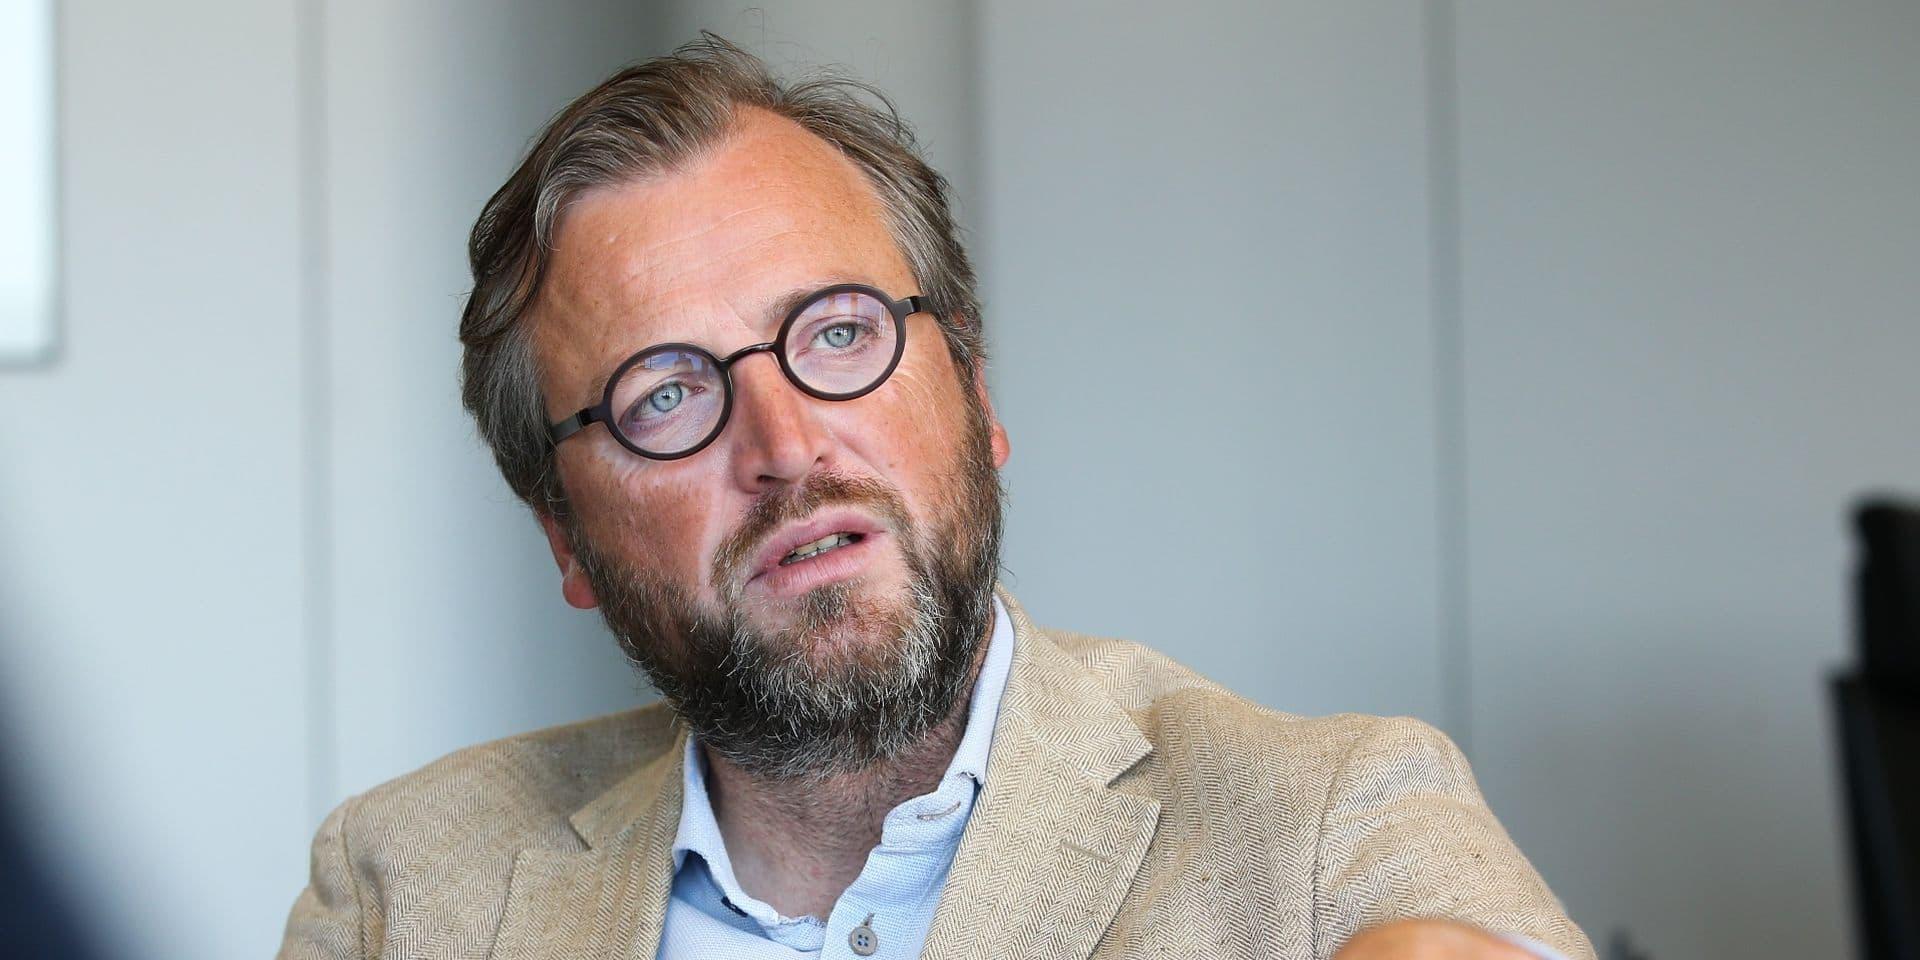 """Jean-Marc Meilleur, procureur du Roi démissionnaire de Bruxelles: """"C'était une fonction merveilleuse, mais j'avais envie d'autre chose"""""""